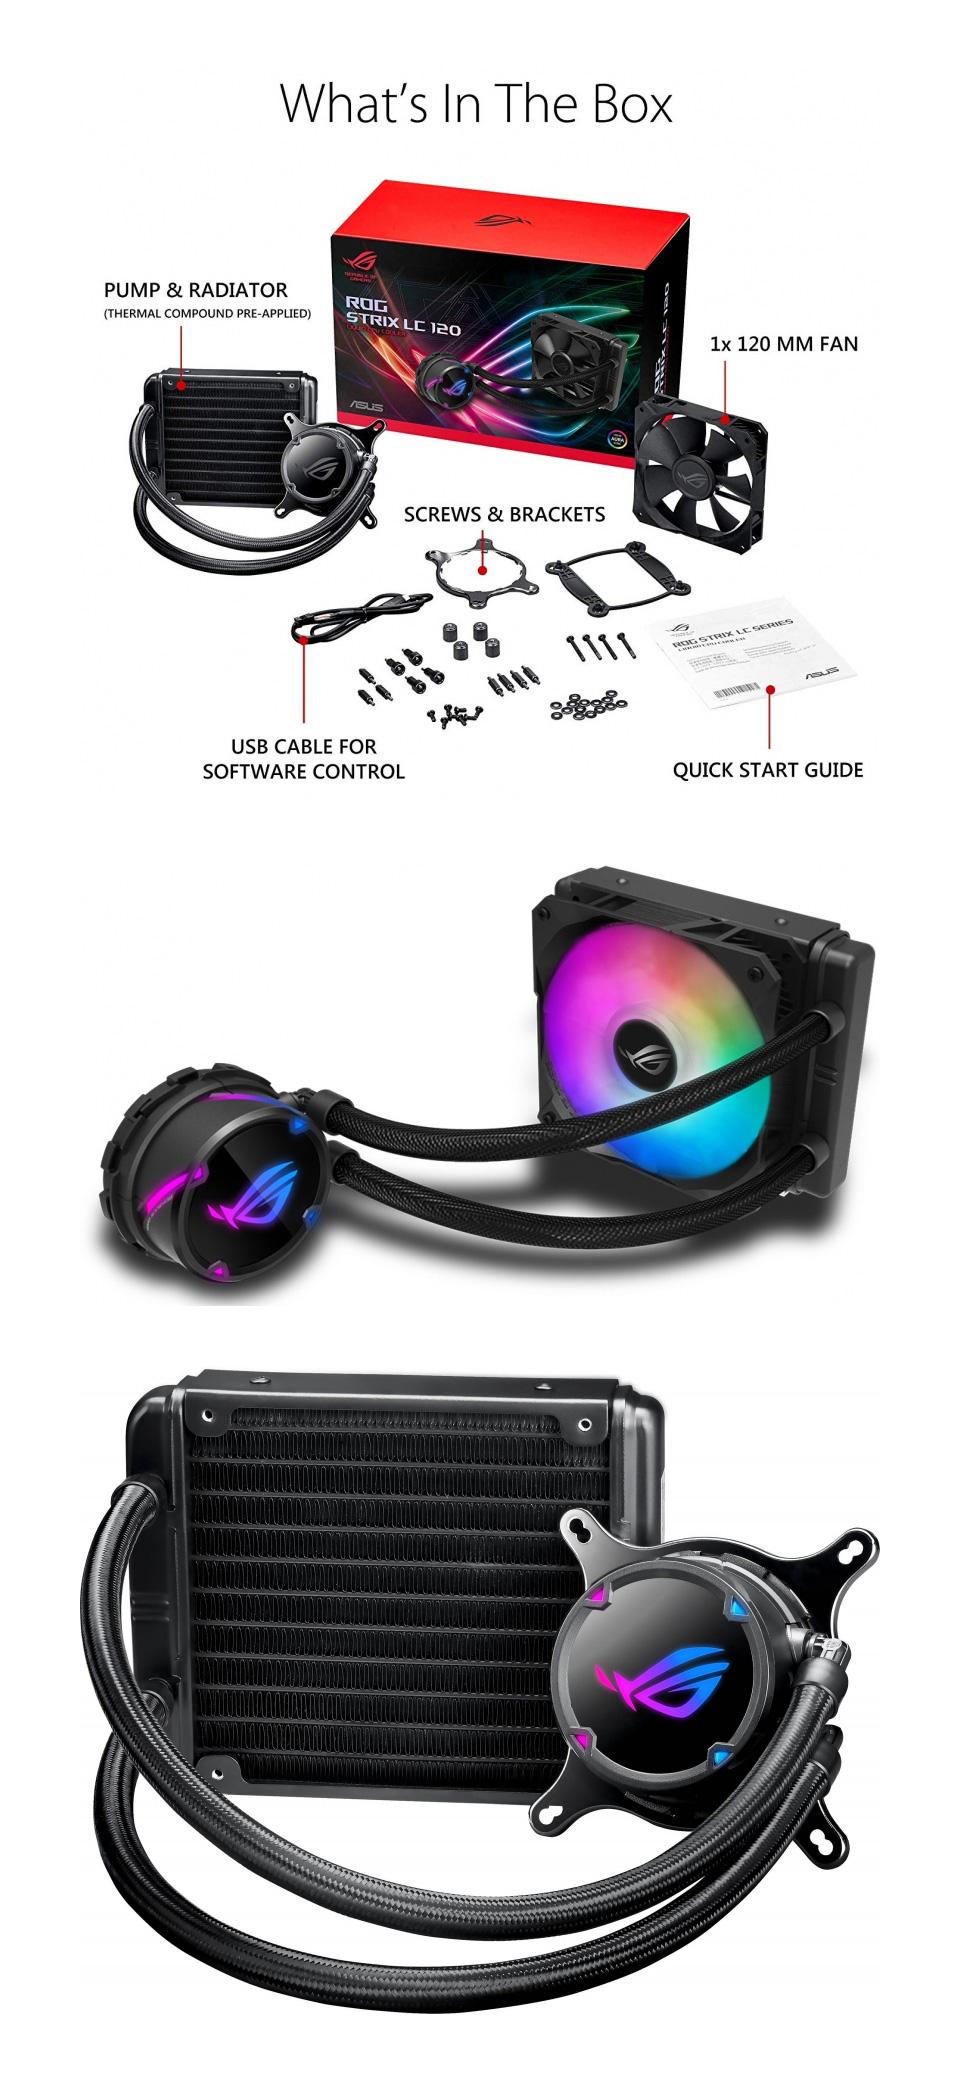 ASUS ROG Strix LC 120 ARGB AIO Liquid CPU Cooler product